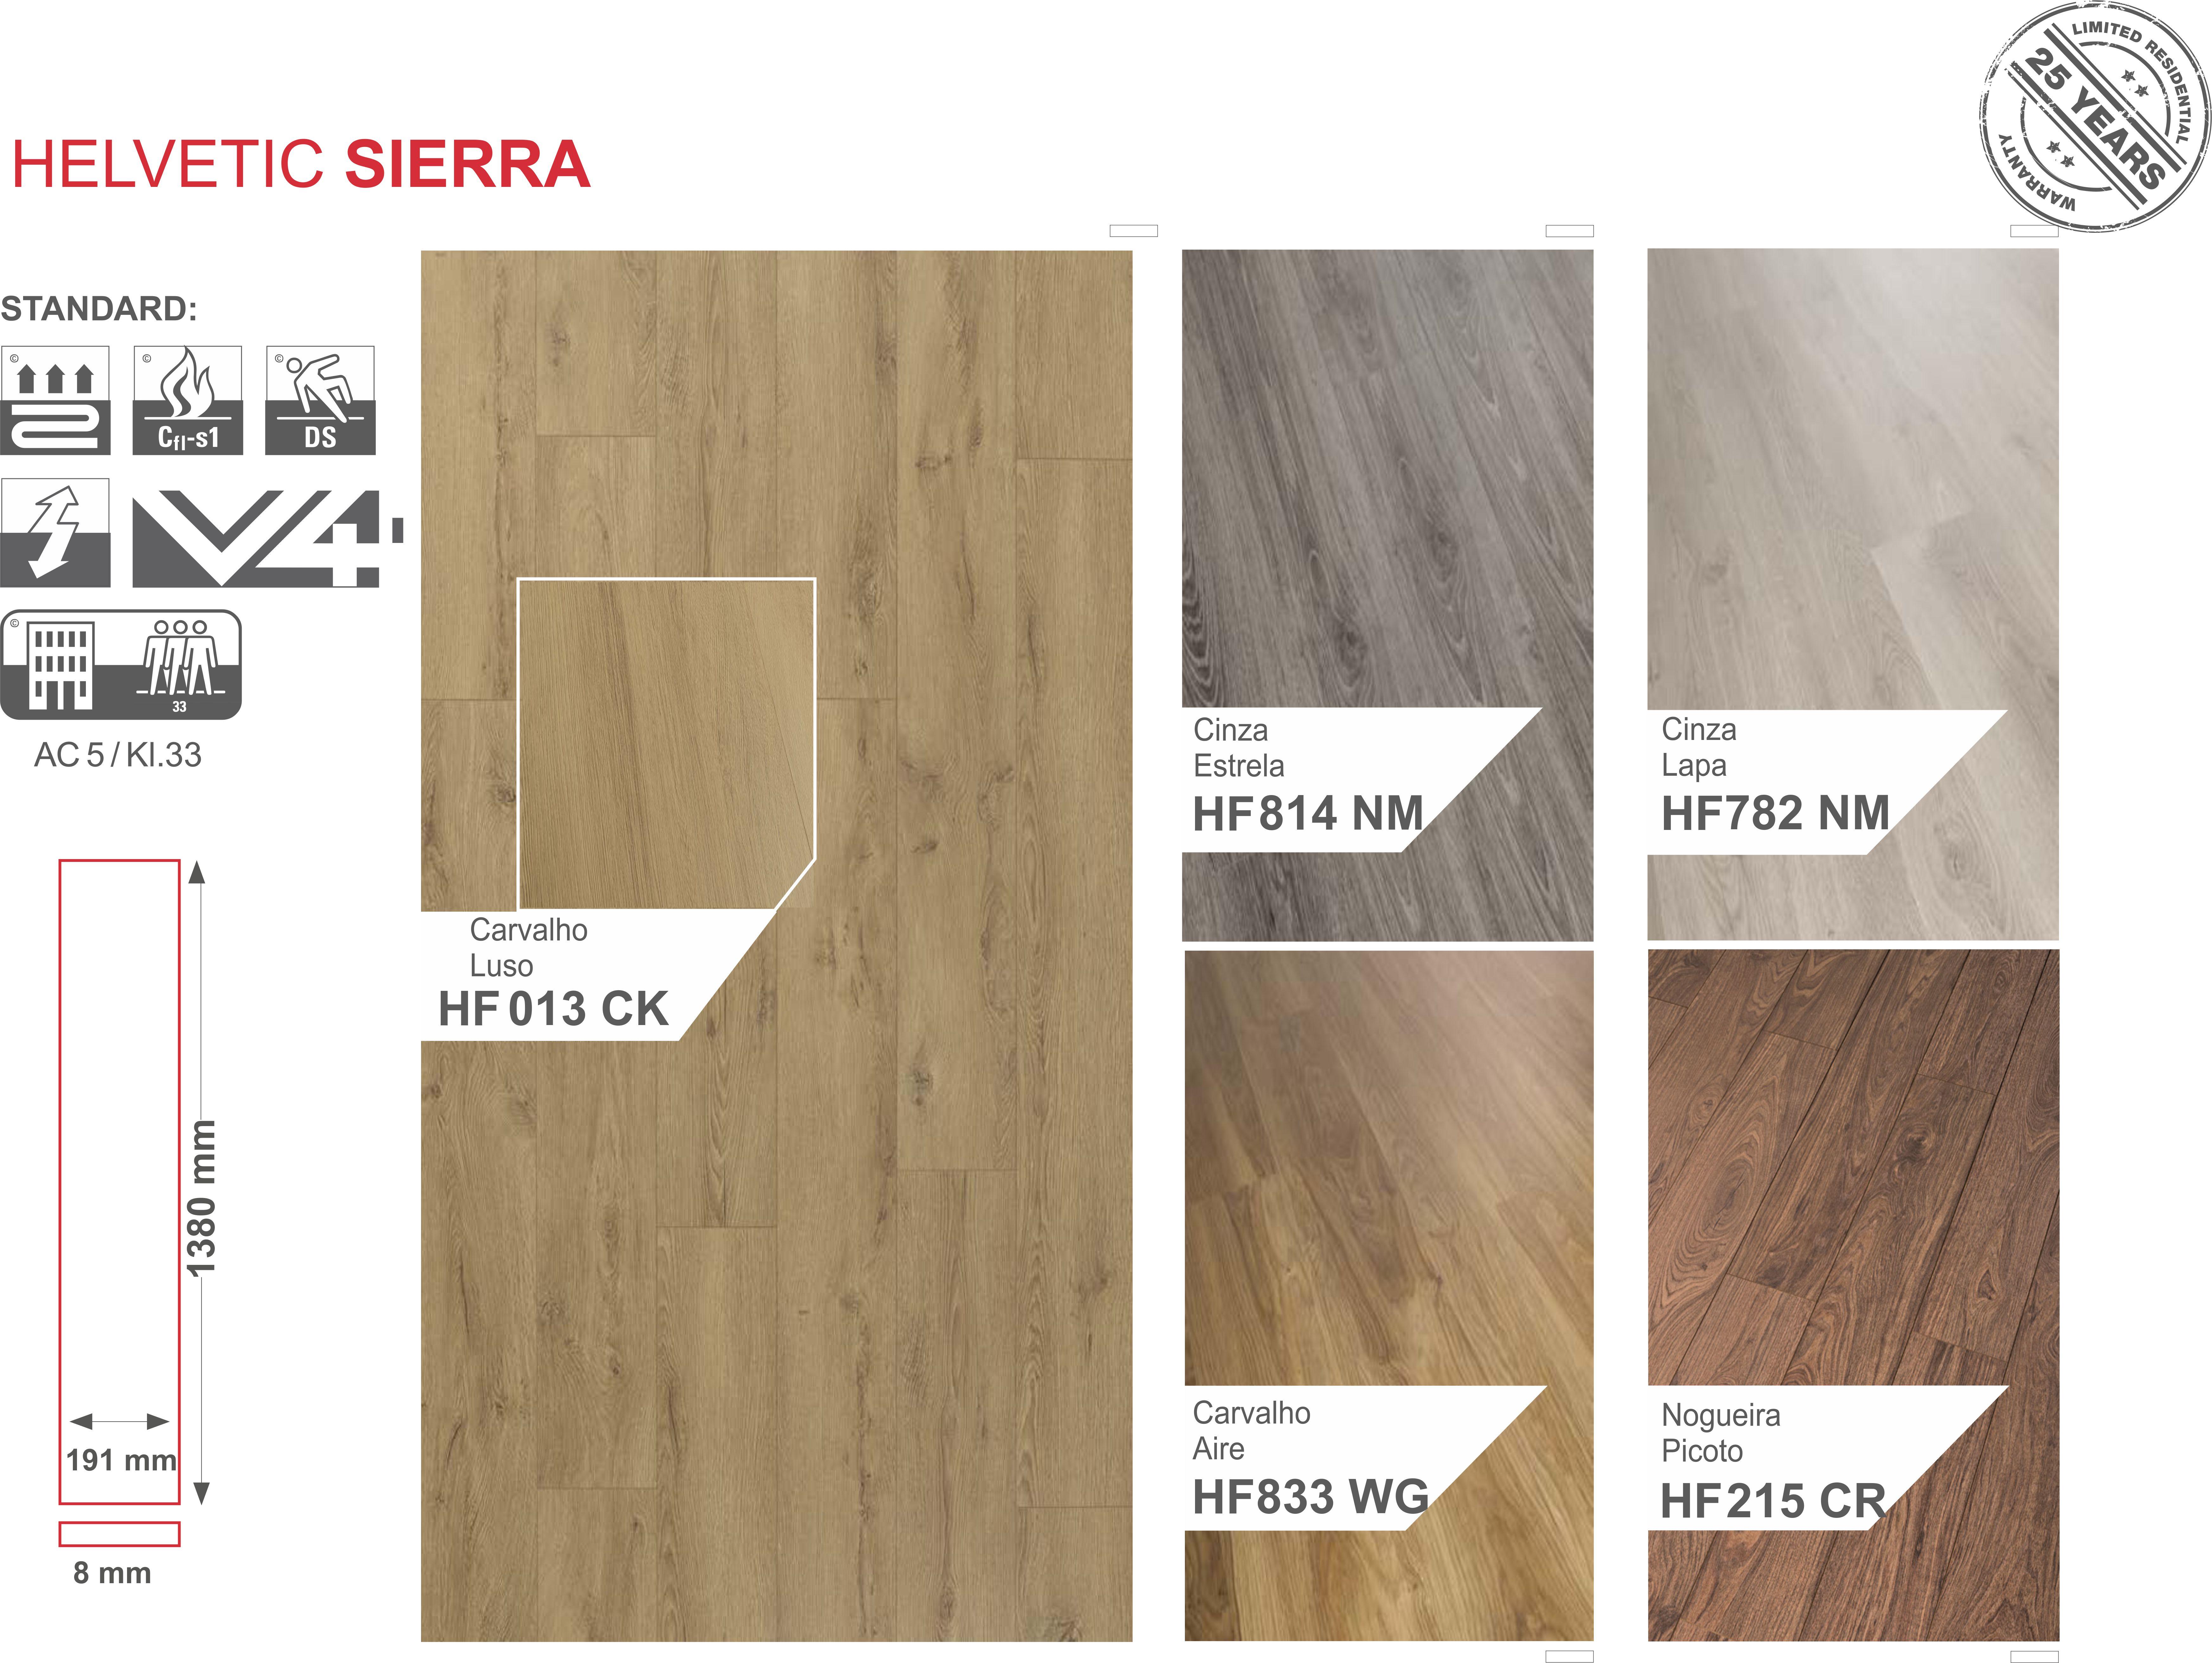 Helvetic Sierra